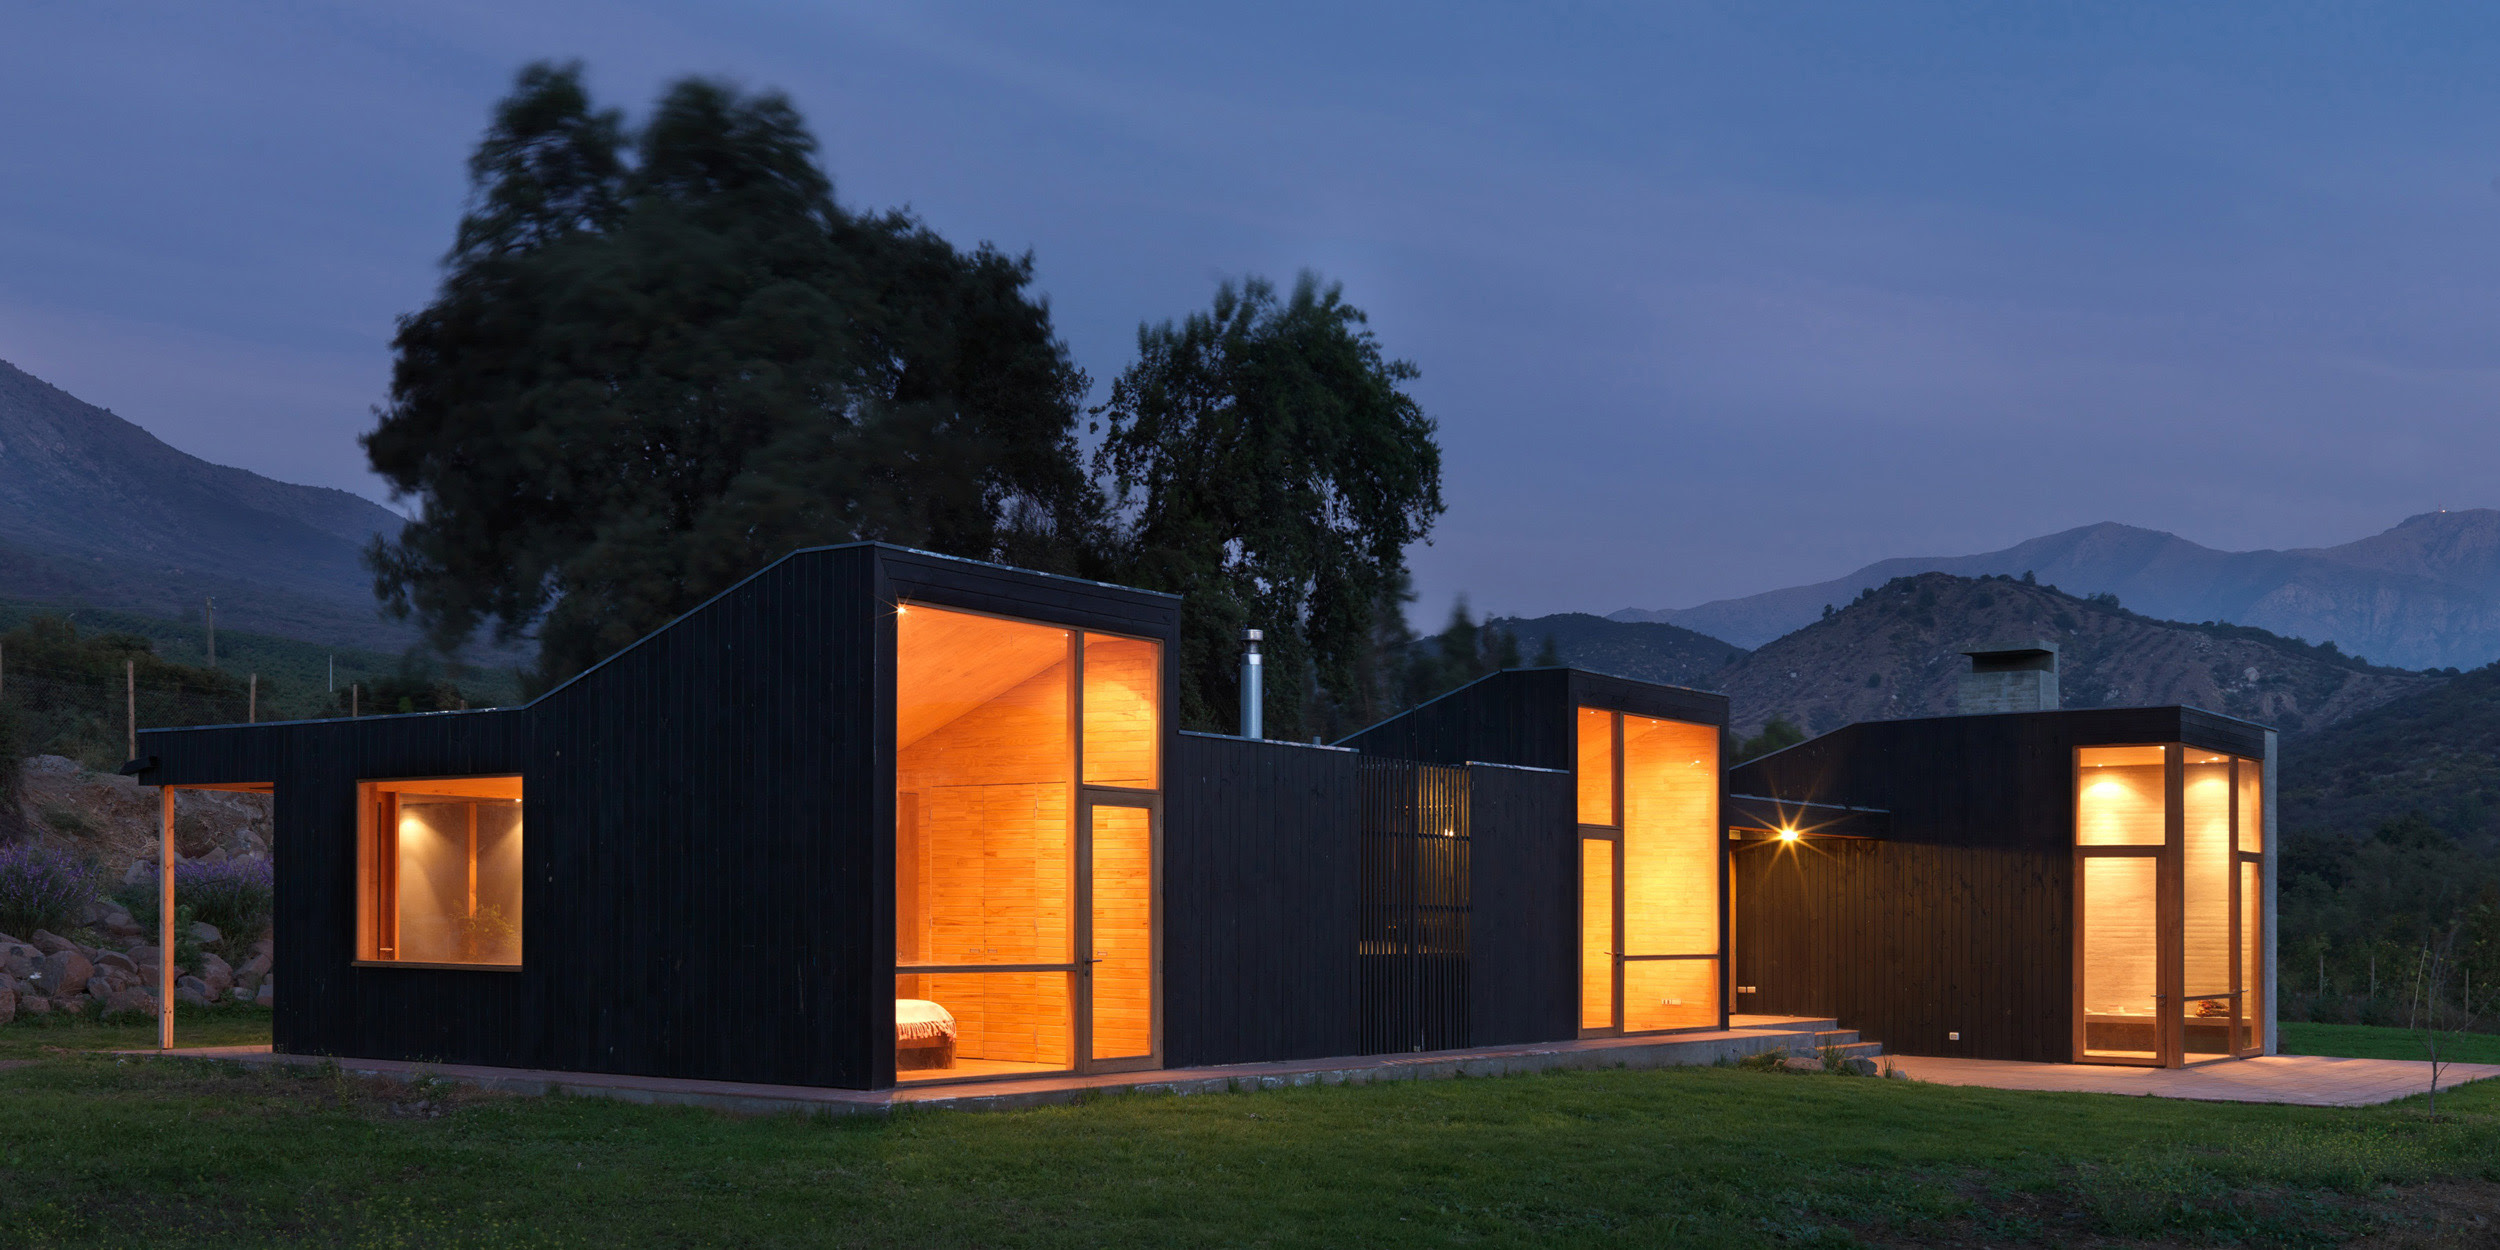 La Campana - Alejandro Dumay + Francisco Vergara, Arquitectura, casas, diseño